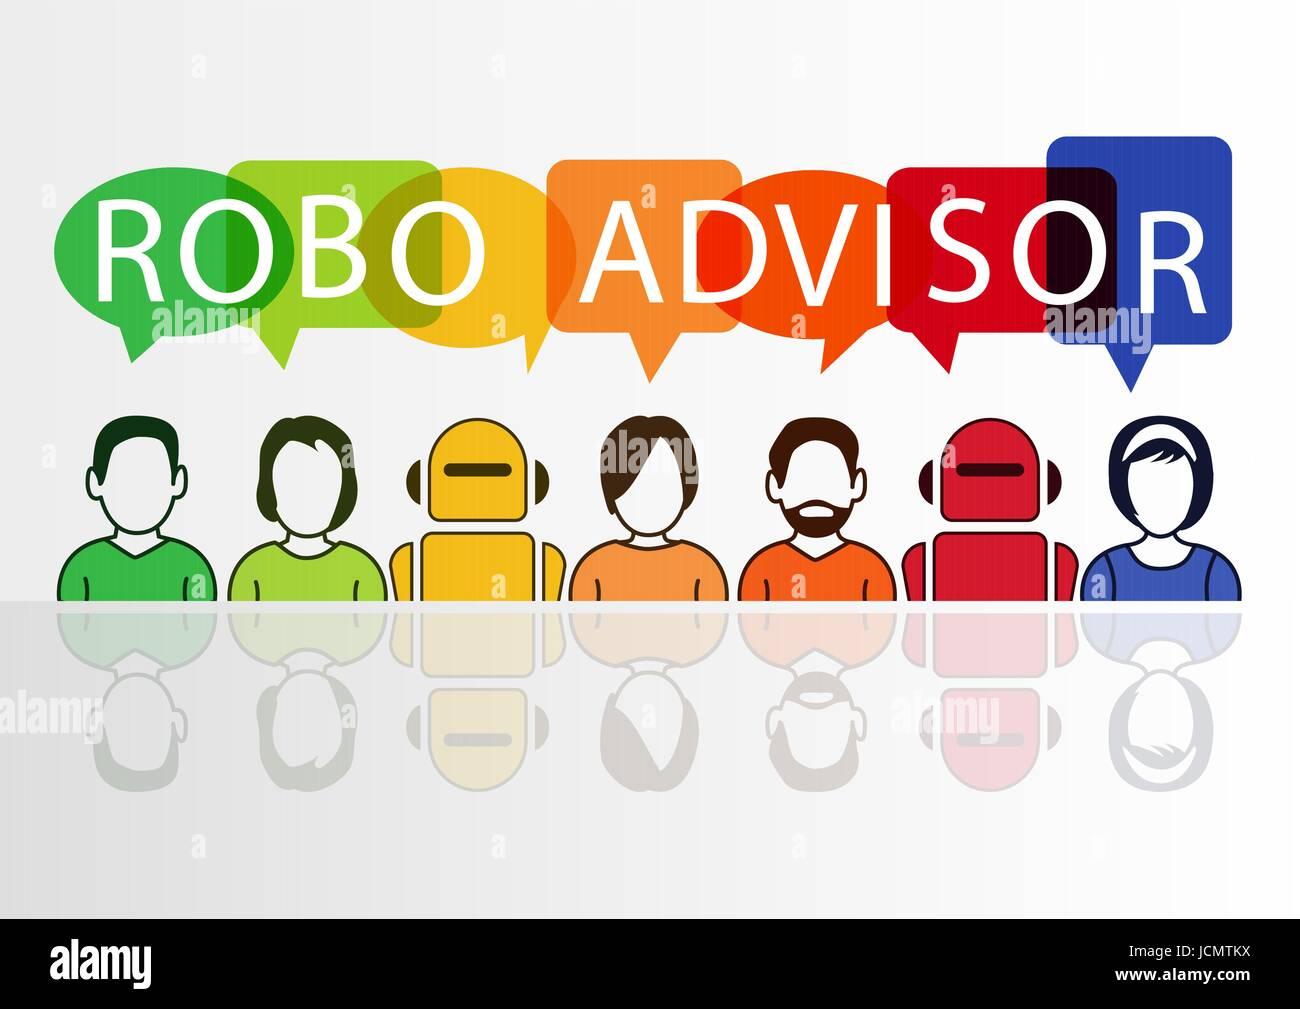 Robo-advisor concetto come illustrazione vettoriale con icone colorate di robot e personeIllustrazione Vettoriale